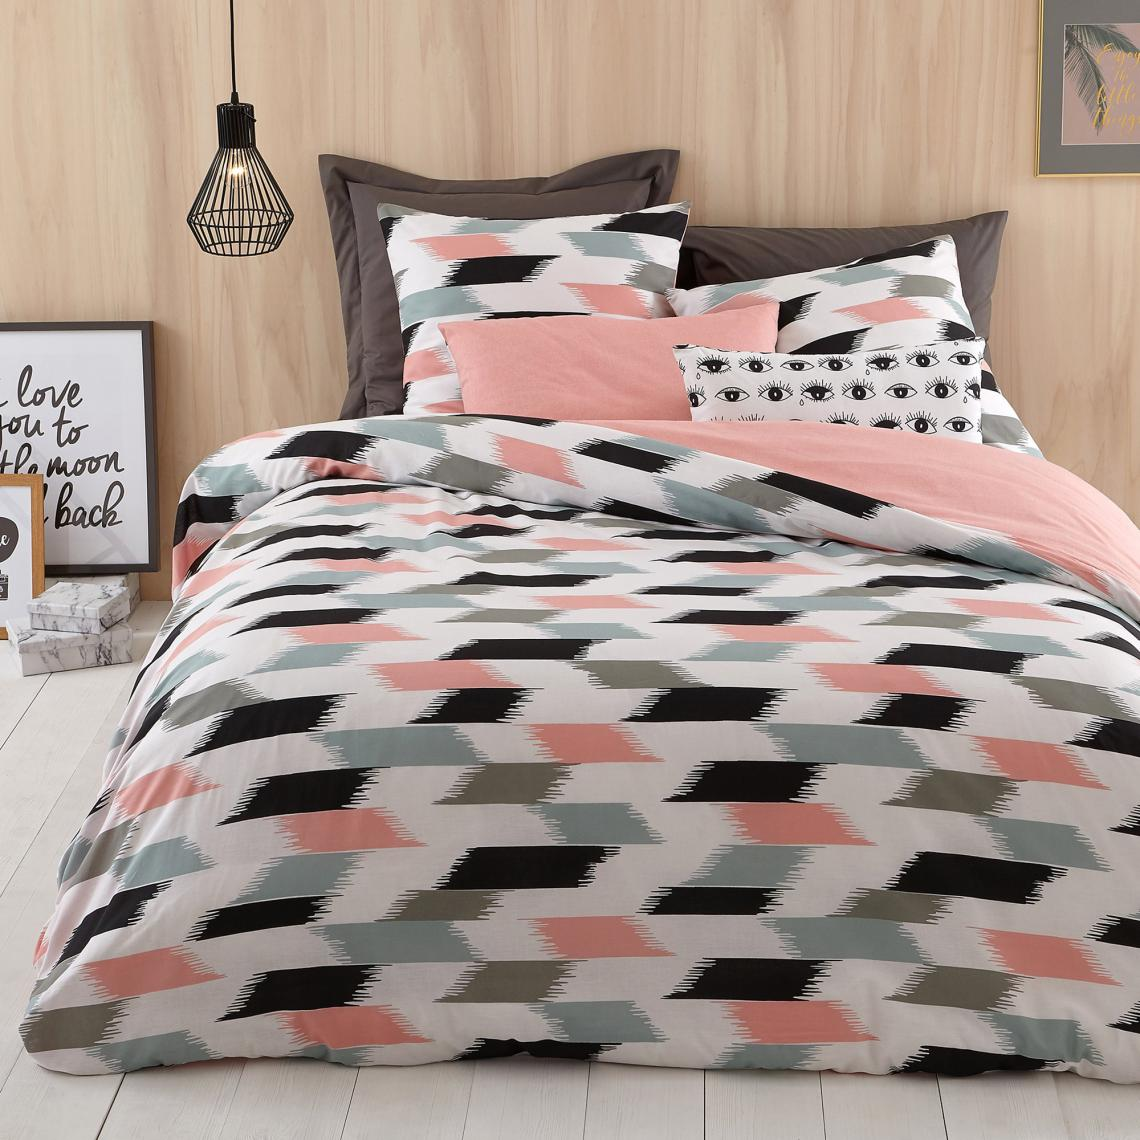 housse de couette 1 ou 2 personnes coton imprim thales. Black Bedroom Furniture Sets. Home Design Ideas